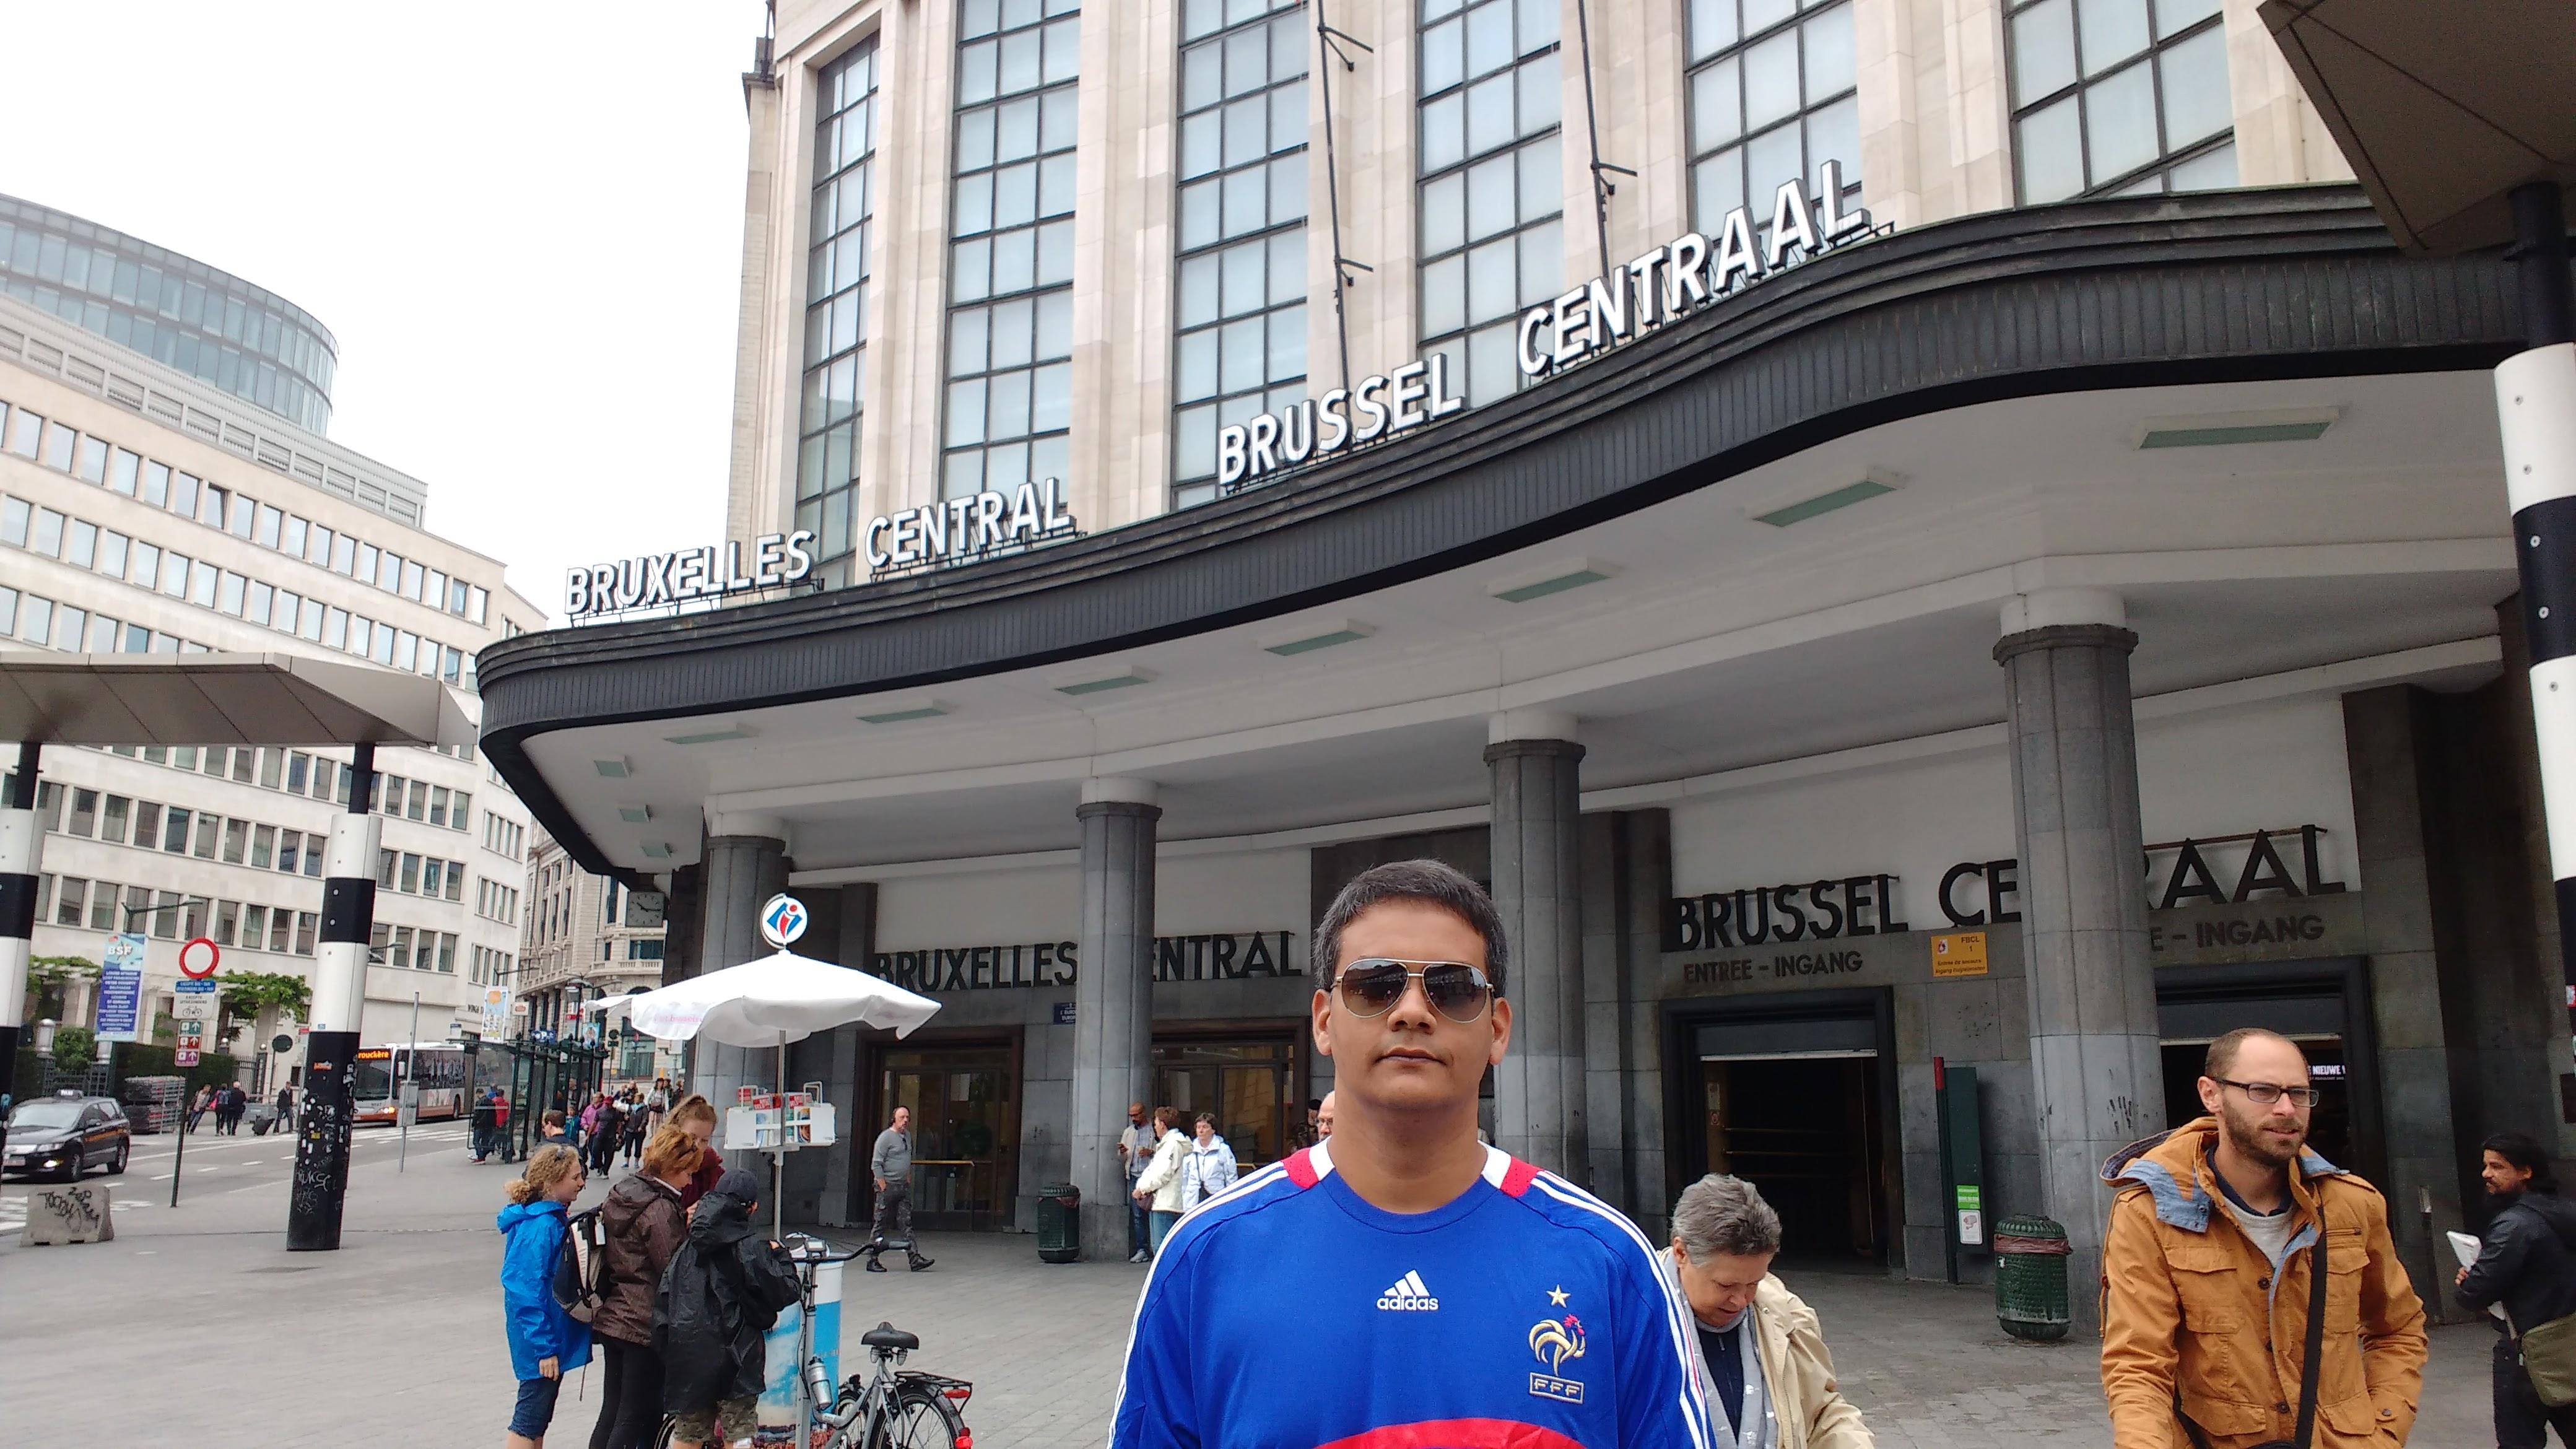 <center>Pit stop esperto para uma visita a Bruxelas… </center>